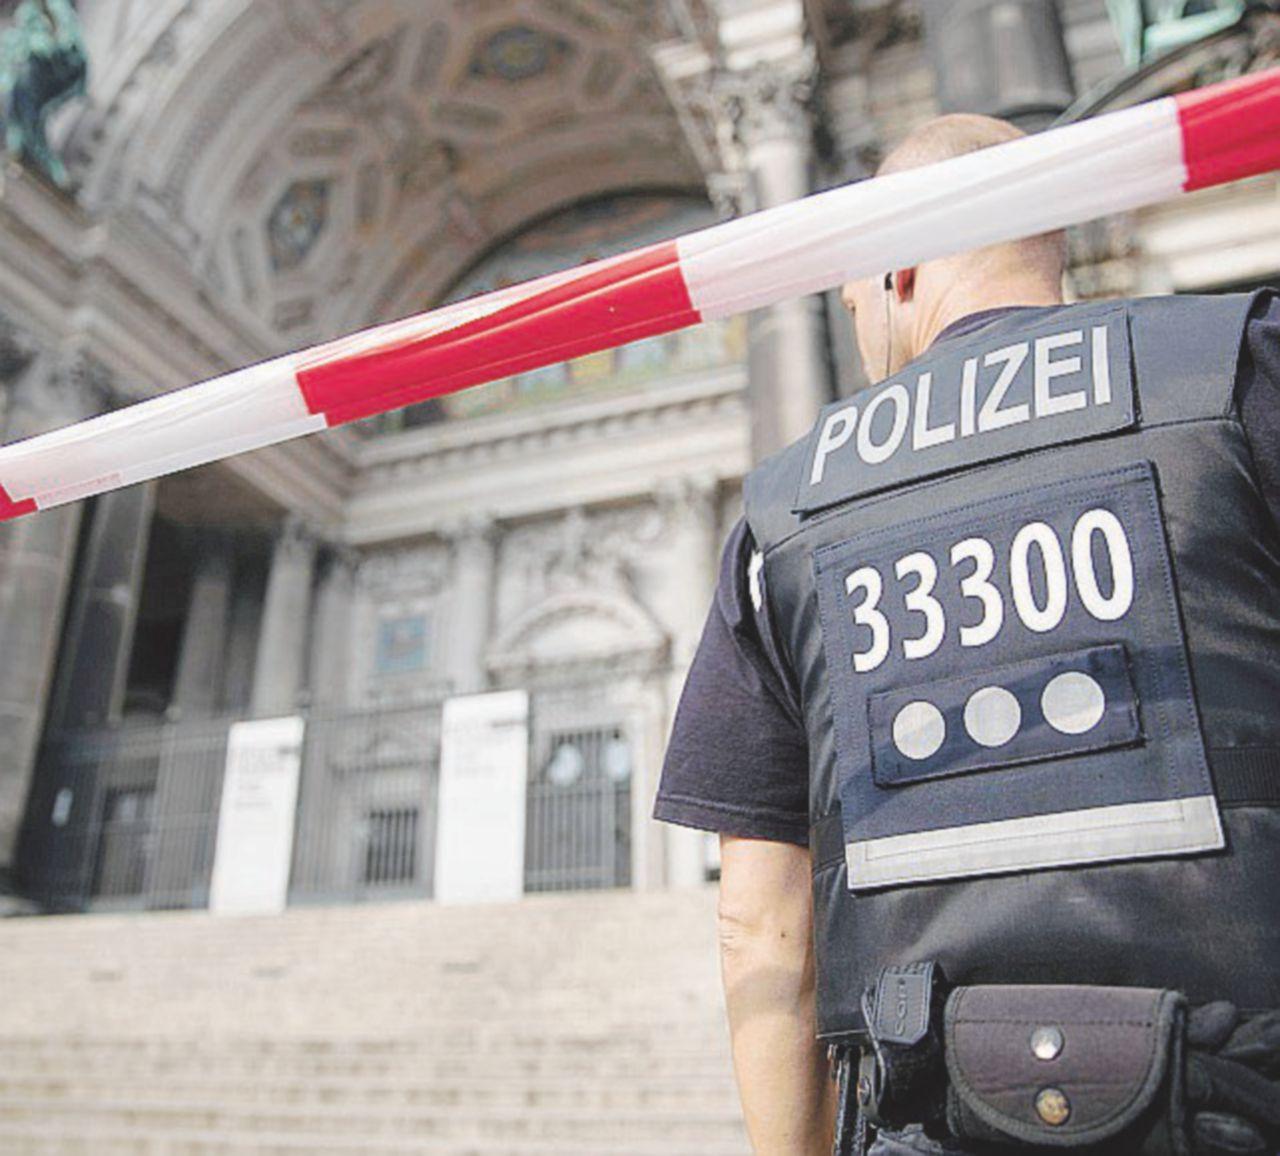 Berlino, polizia spara a un sospetto nel duomo